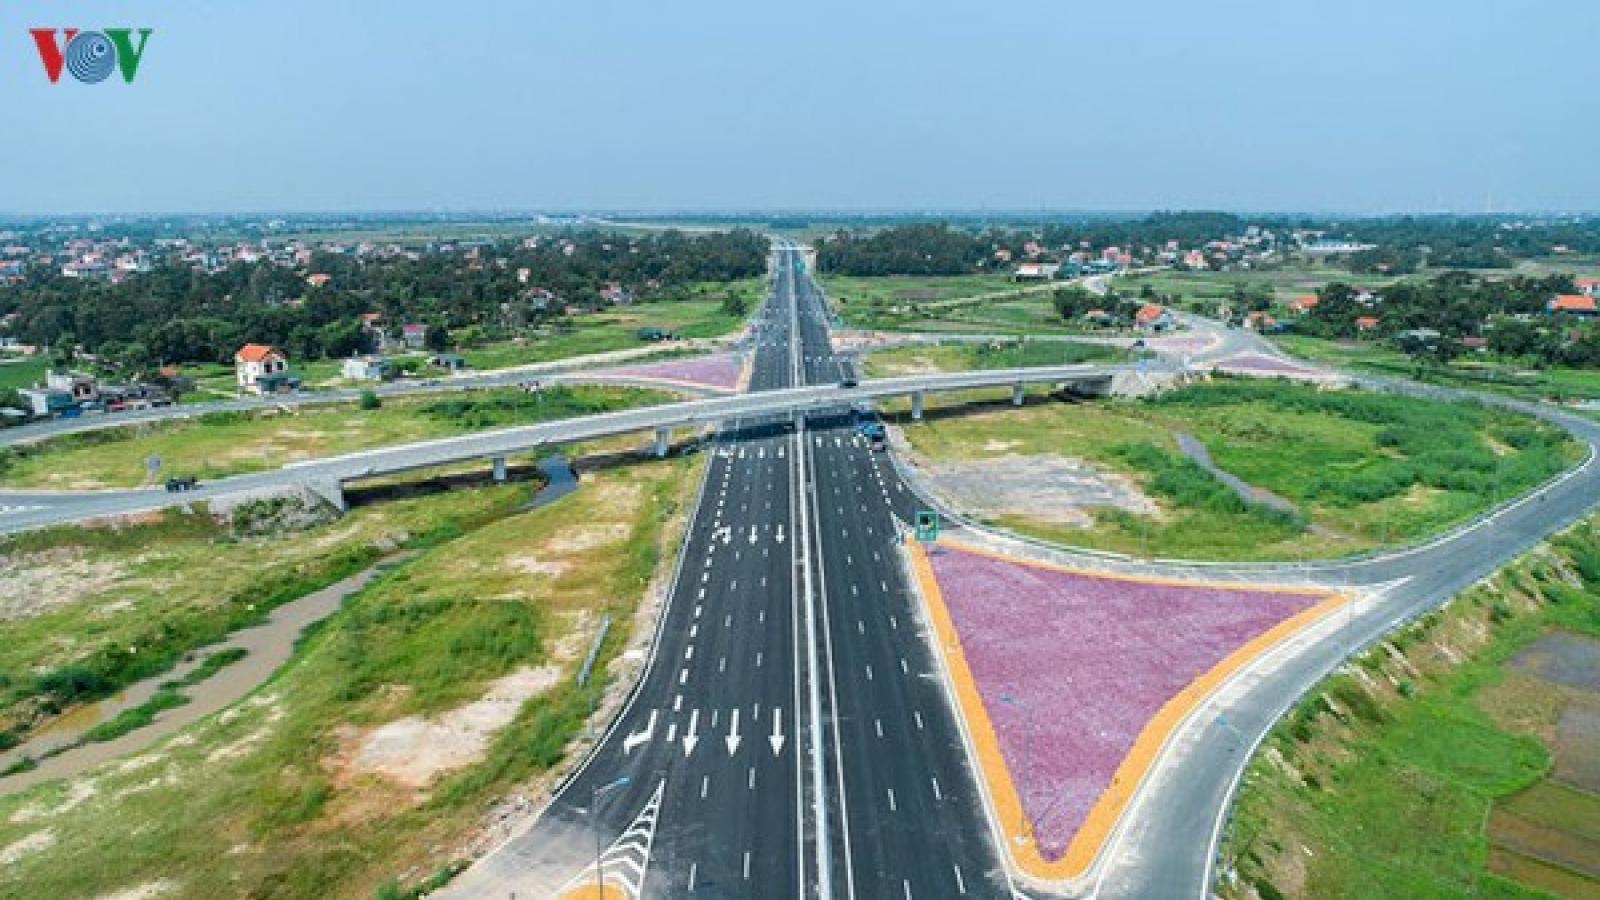 Thống nhất chủ trương chuyển 8 dự án cao tốc Bắc-Nam sang đầu tư công